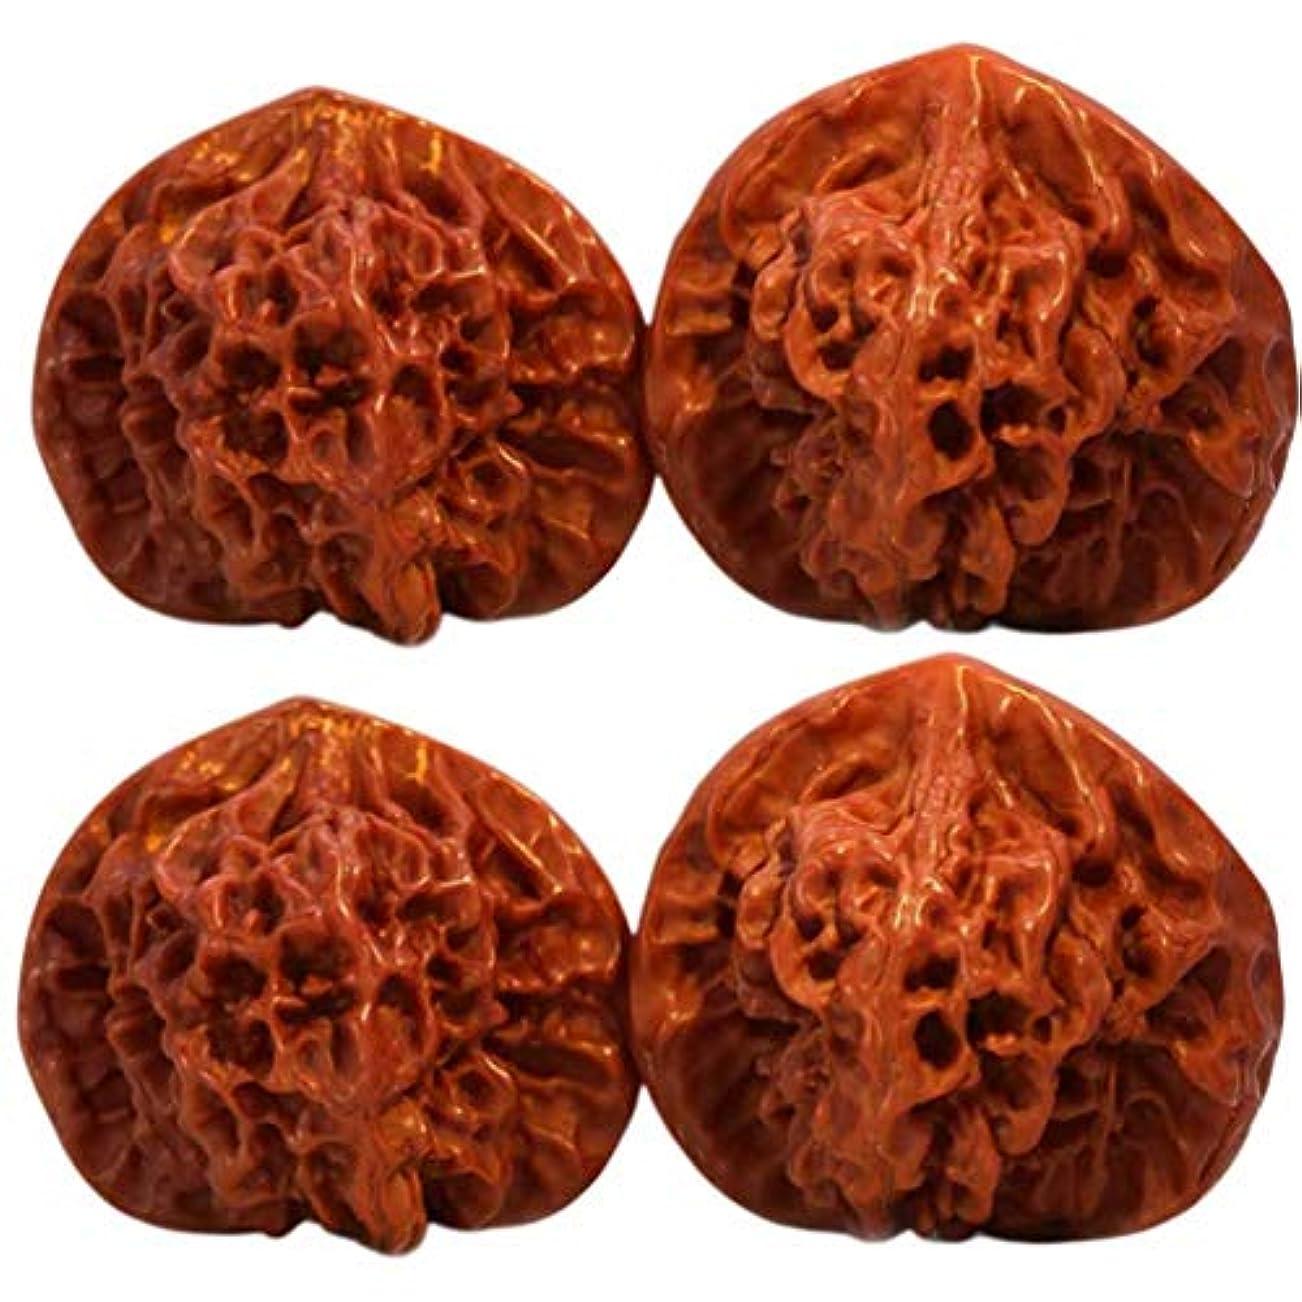 ファンド勘違いする笑いHealifty 4ピースマッサージボール深部組織ボールクルミ形状手掌鍼ボール血液循環筋肉crossfitモビリティ